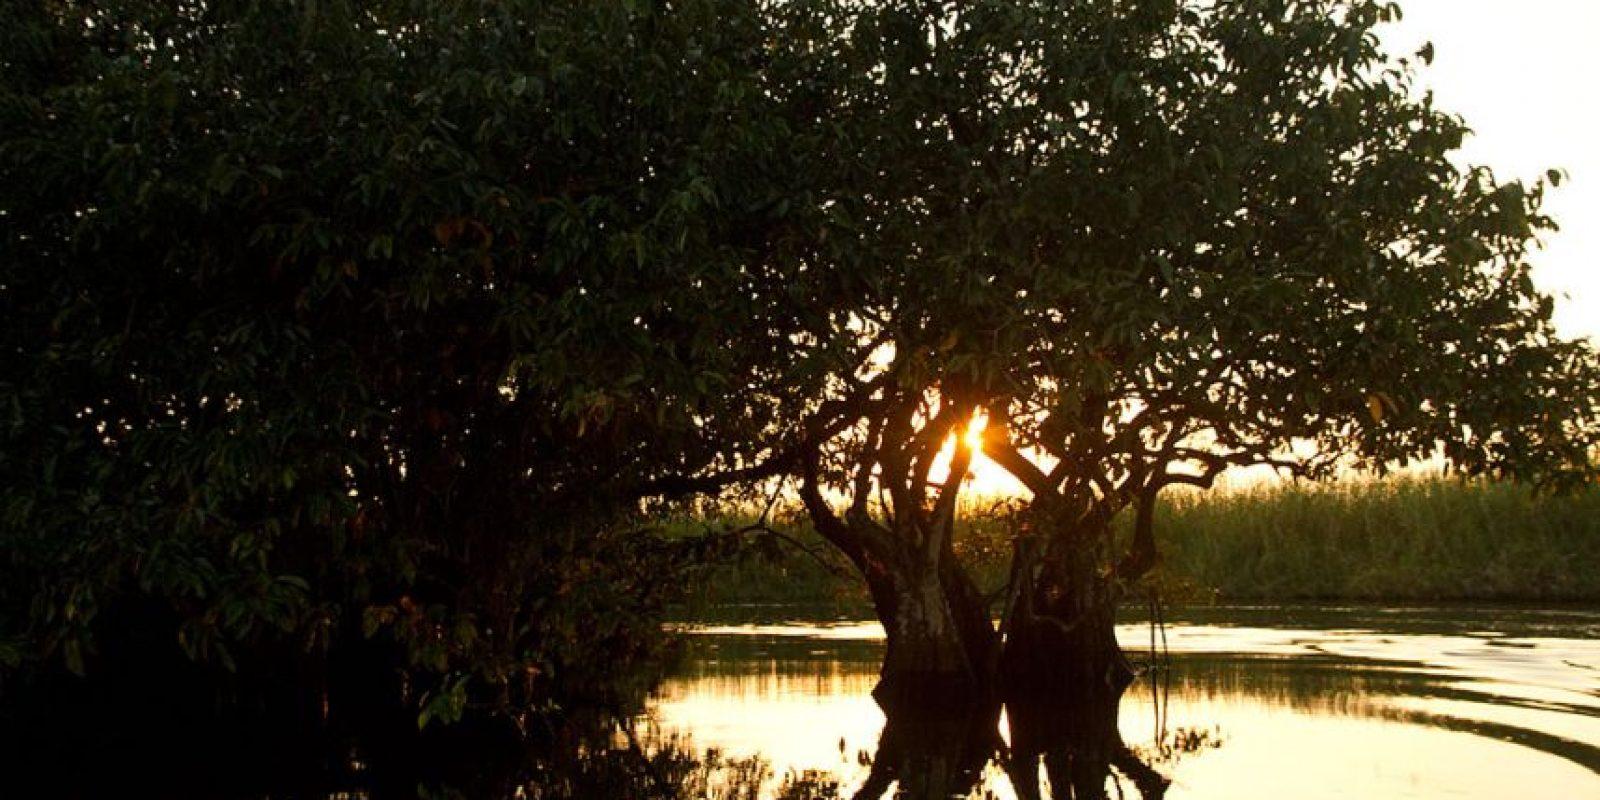 Marismas Nacionales alberga el manglar más extenso del Pacífico mexicano, que depende completamente del equilibrio de los flujos de agua dulce y salada Foto:© Rodolfo Pérez/WWF